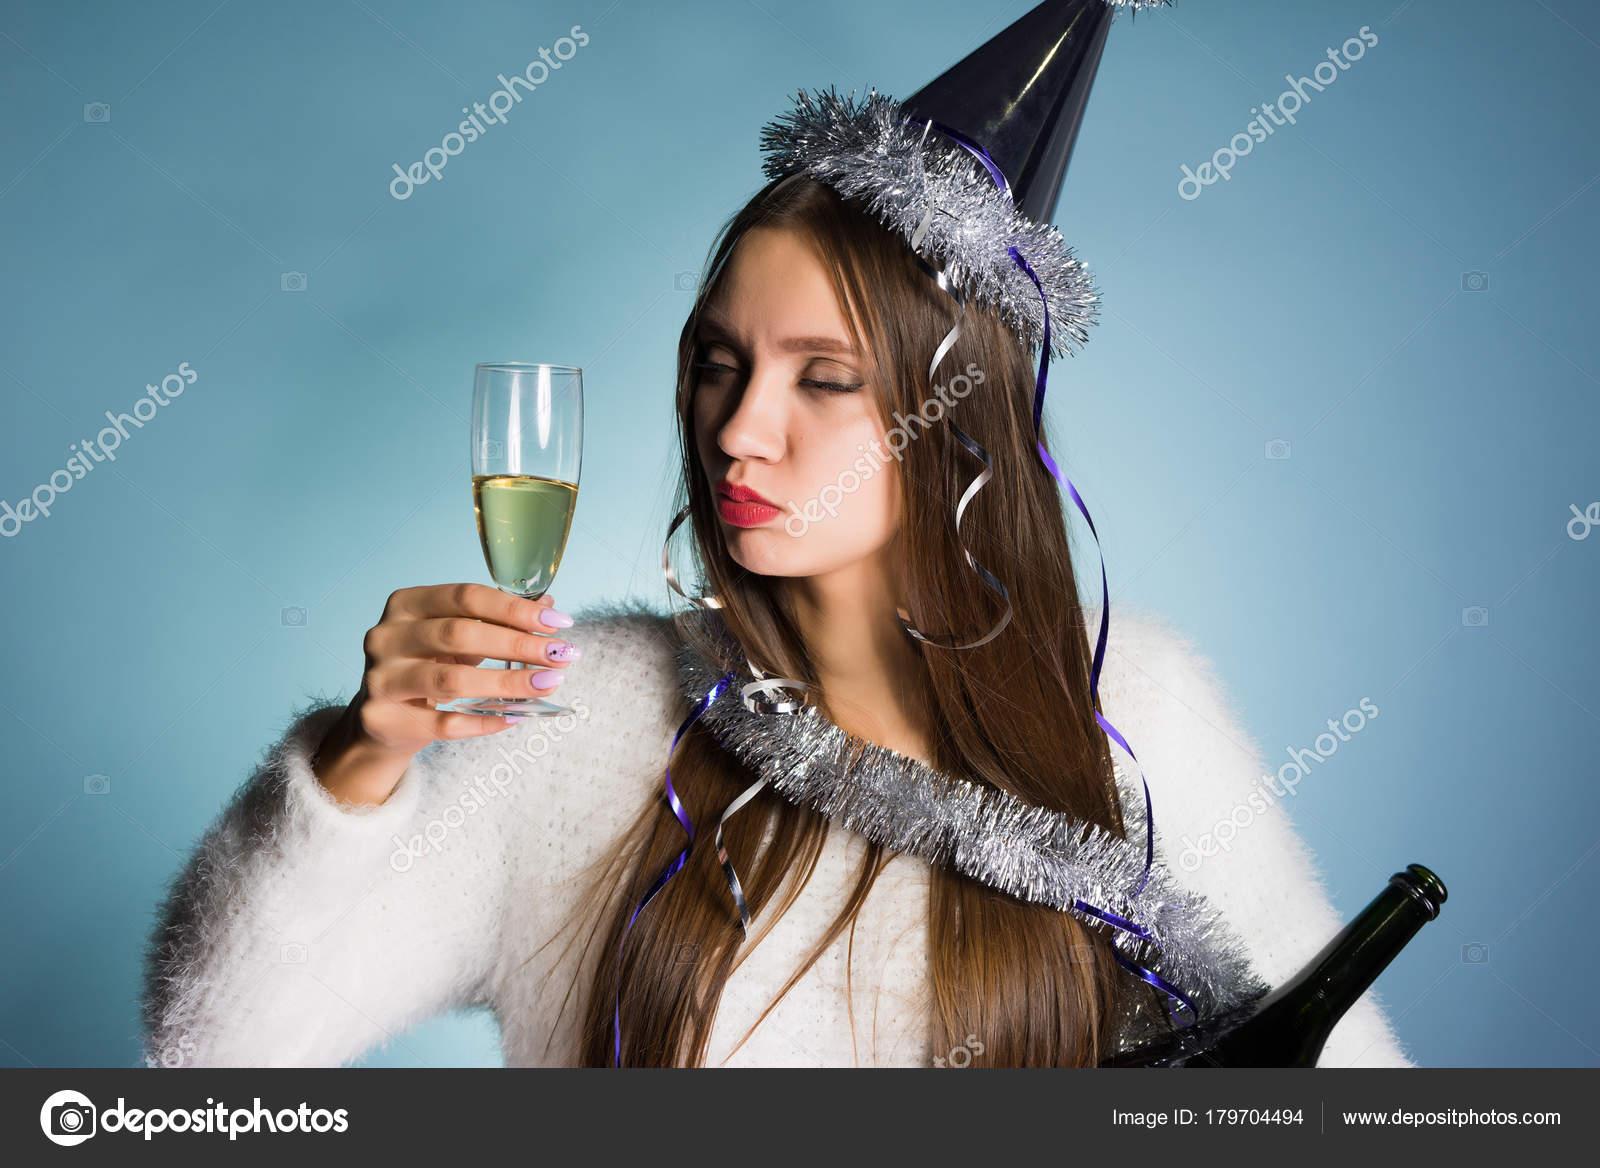 746615c9b7 Chica borracha joven divertida celebra un año nuevo solo, bebe champán de  una copa– imagen de stock